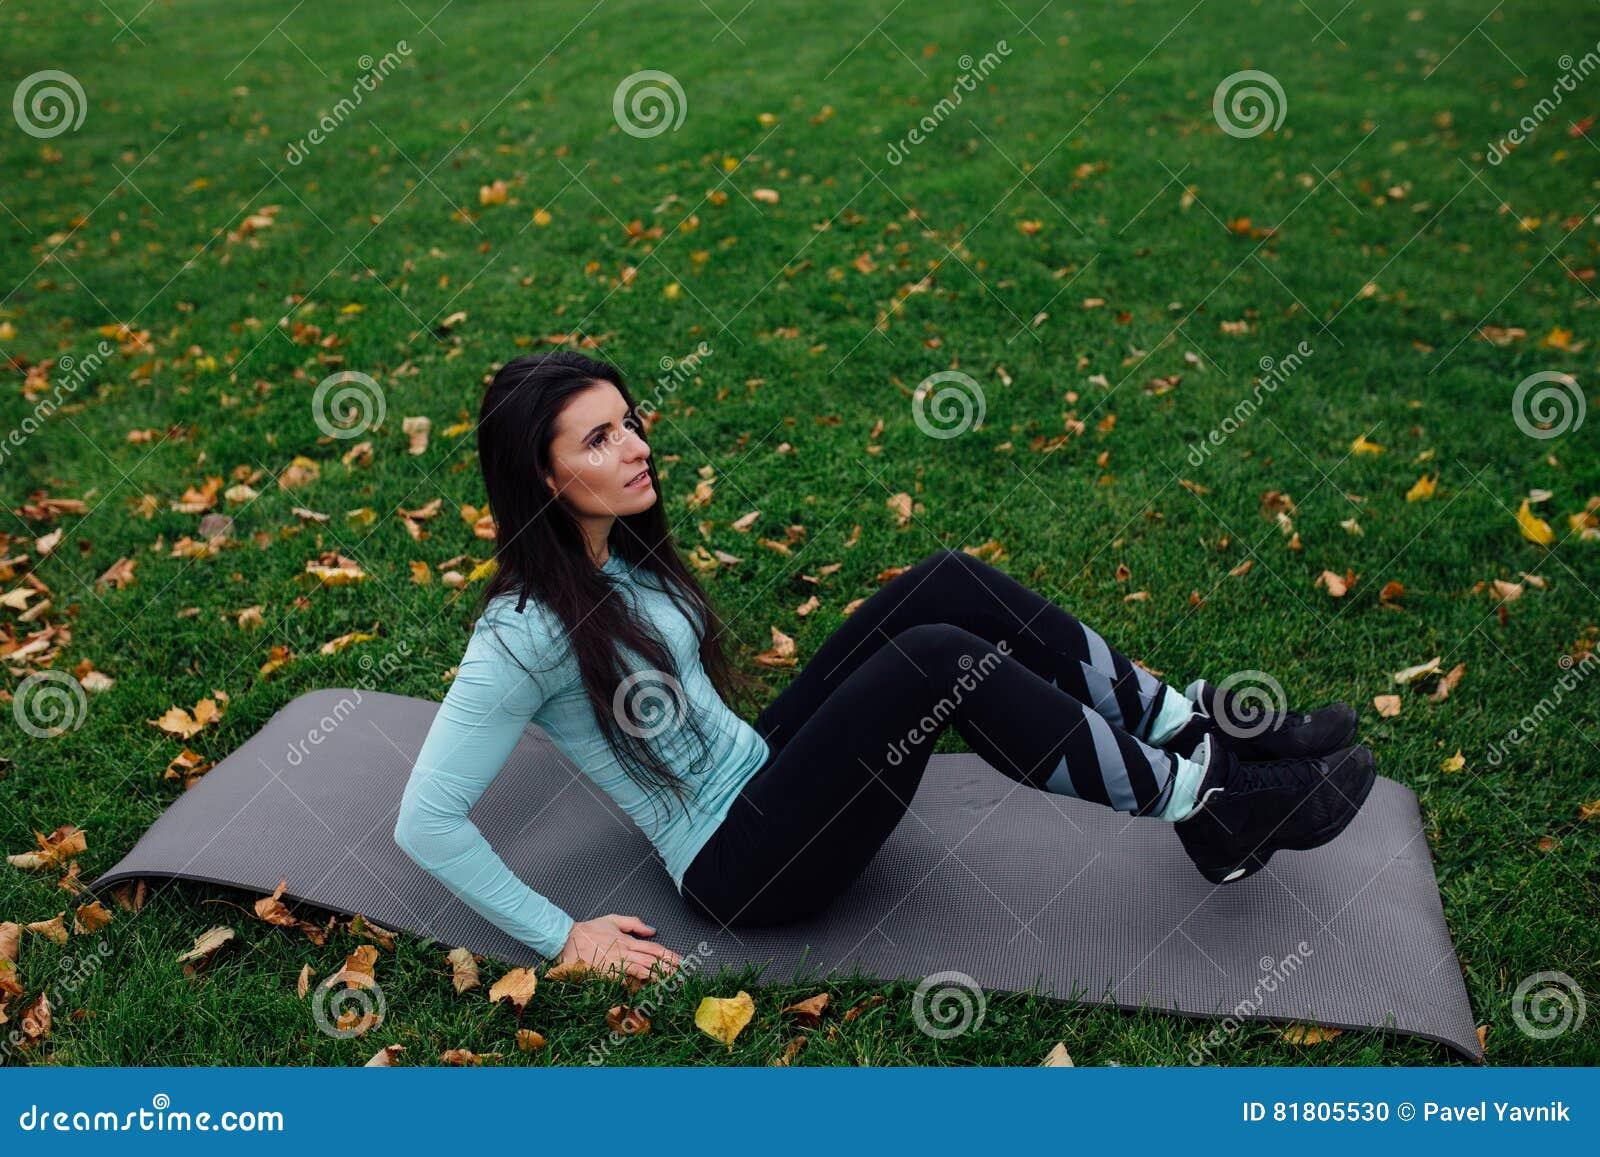 Красивая девушка делает тренировки с прессой на траве